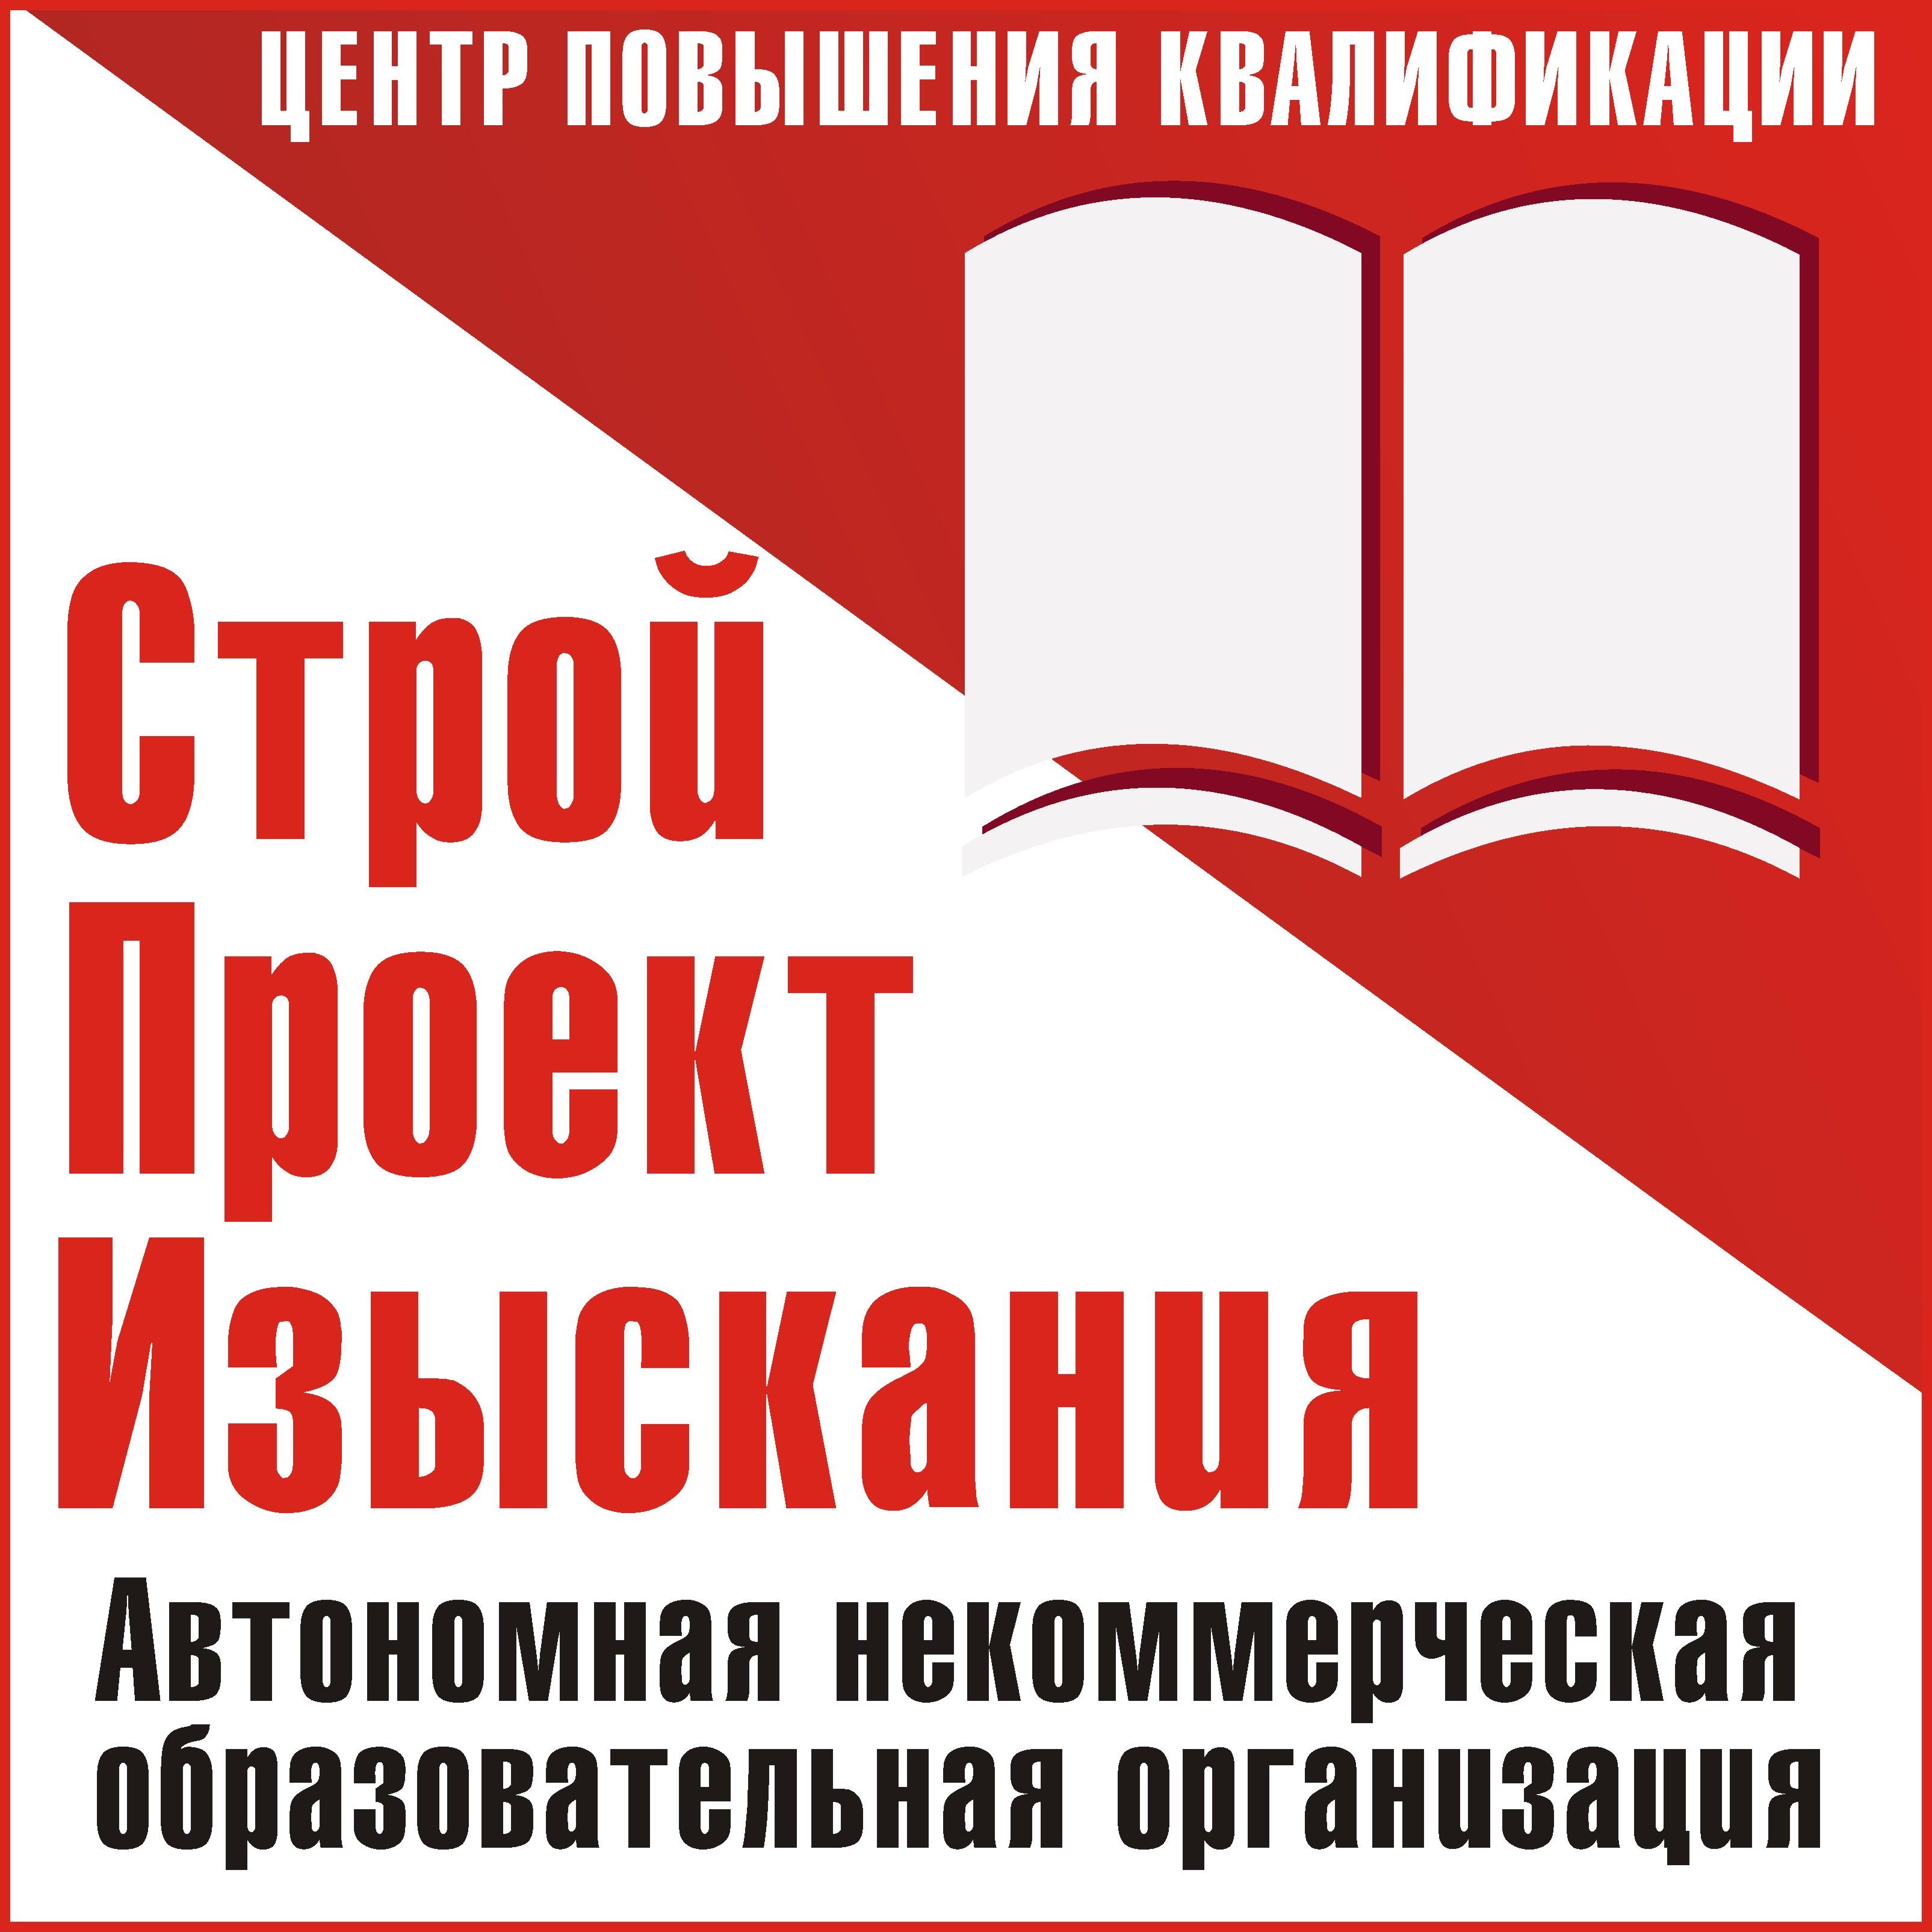 Разработка логотипа  фото f_4f31819dd4f8a.jpg